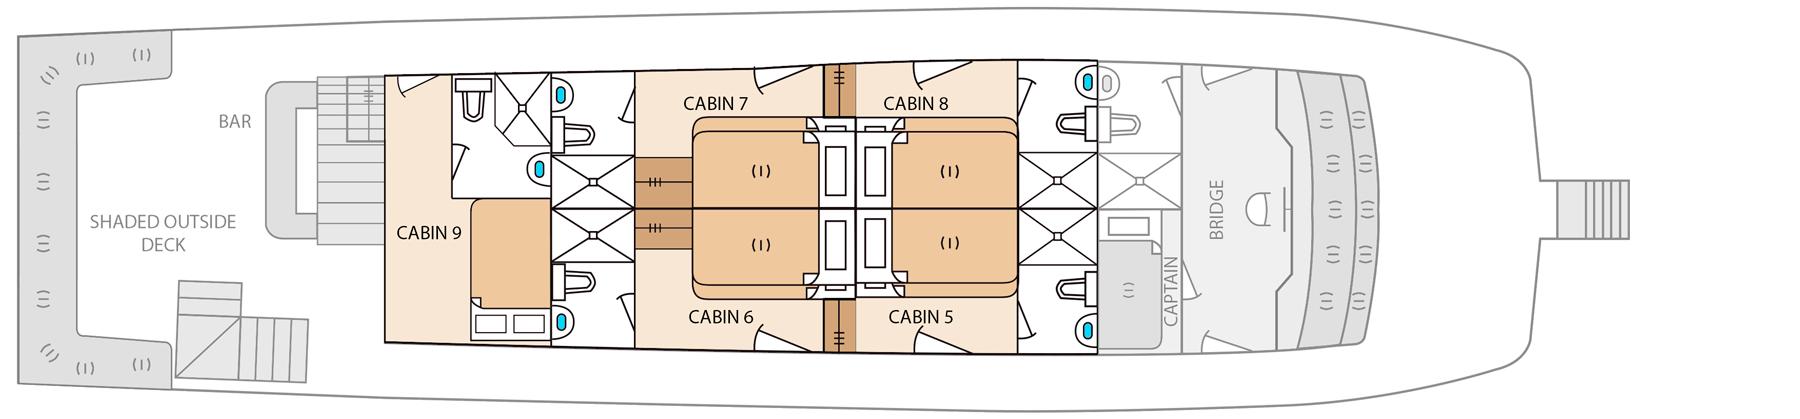 upper deck aqua yacht